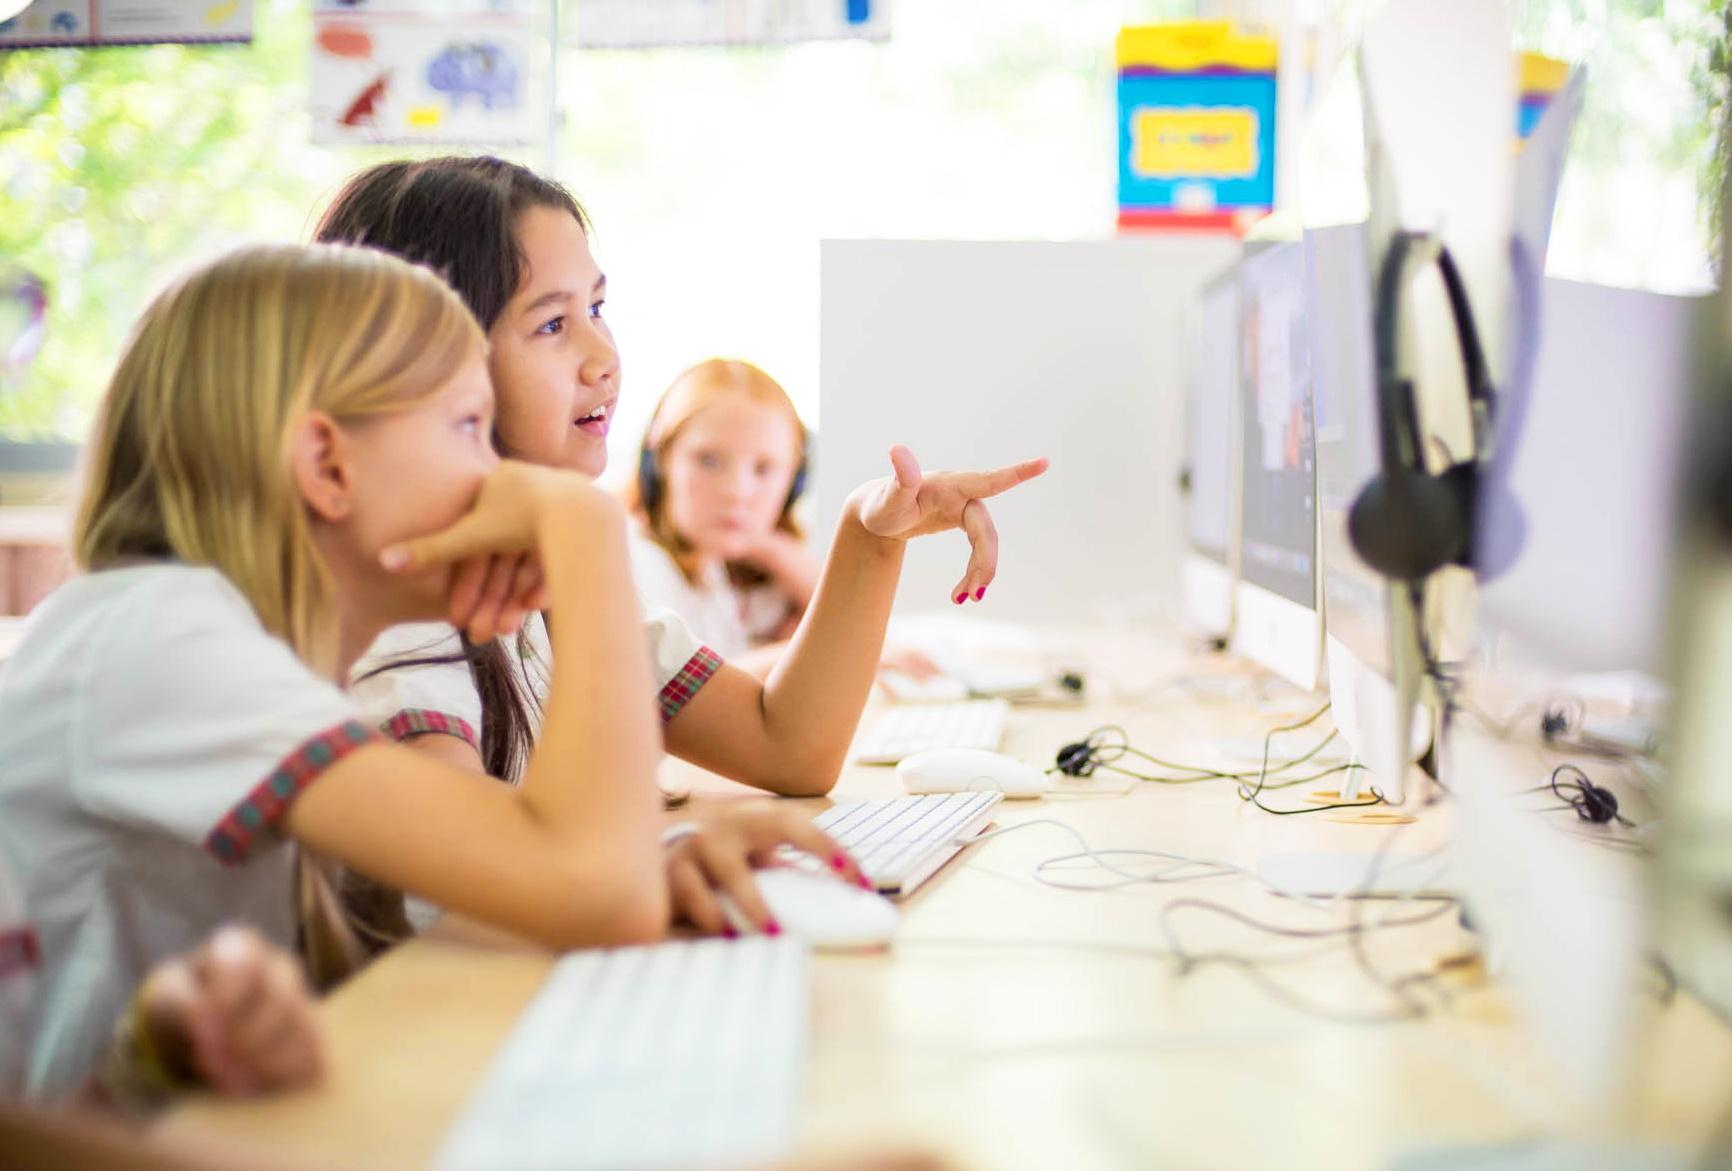 EtonHouse Broadrick Blending Learning2.jpg